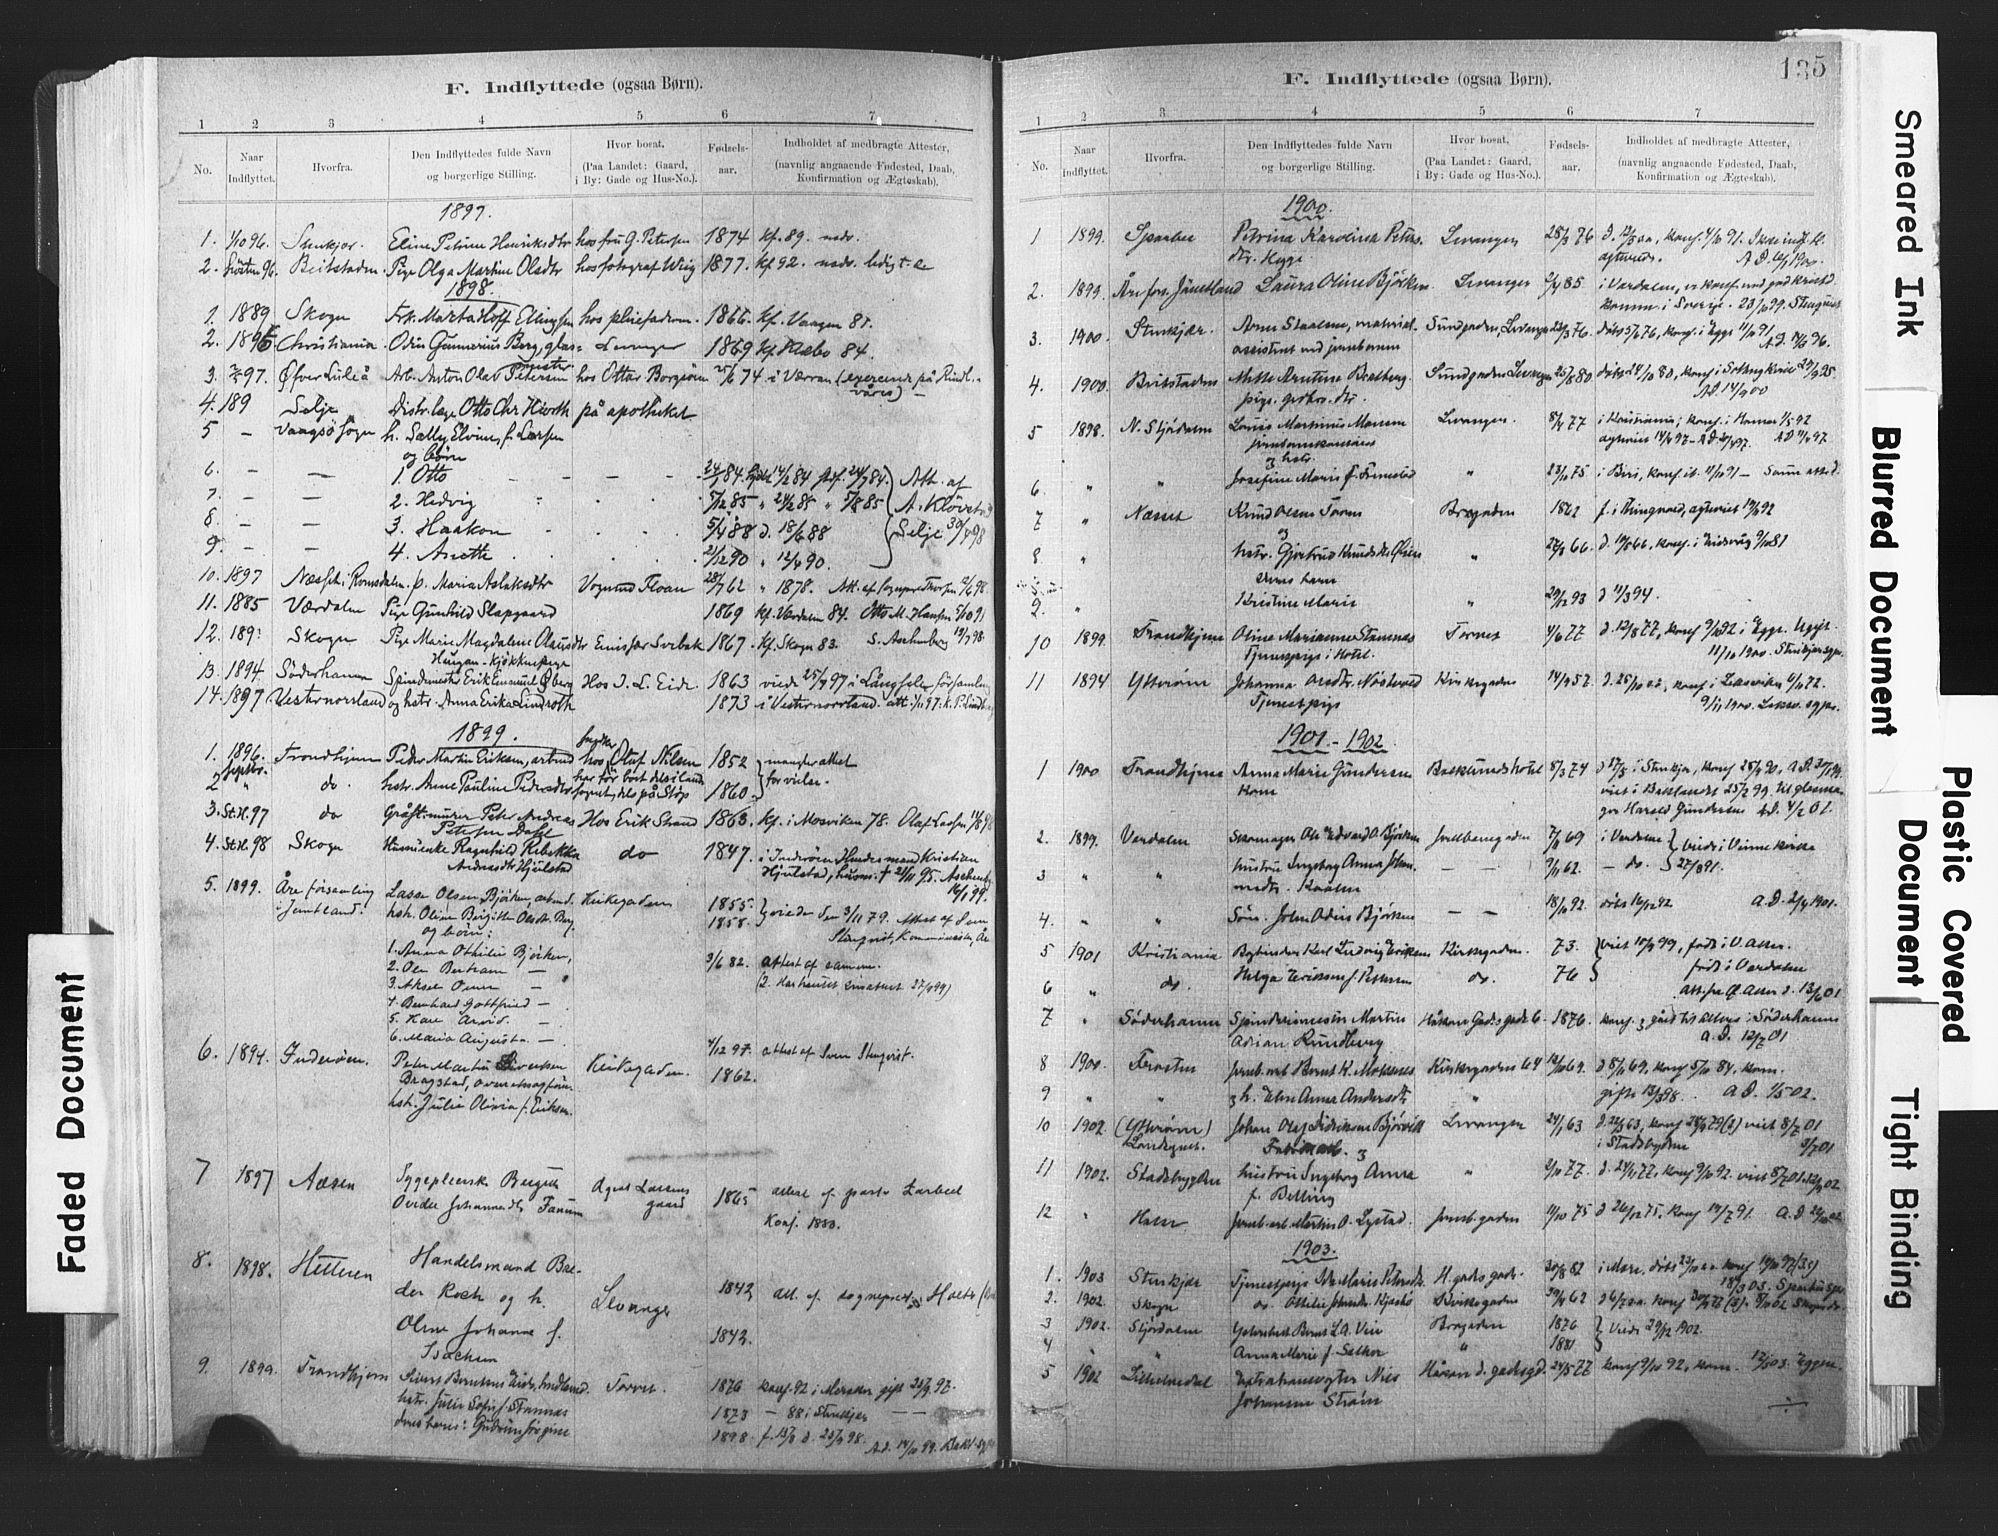 SAT, Ministerialprotokoller, klokkerbøker og fødselsregistre - Nord-Trøndelag, 720/L0189: Ministerialbok nr. 720A05, 1880-1911, s. 135